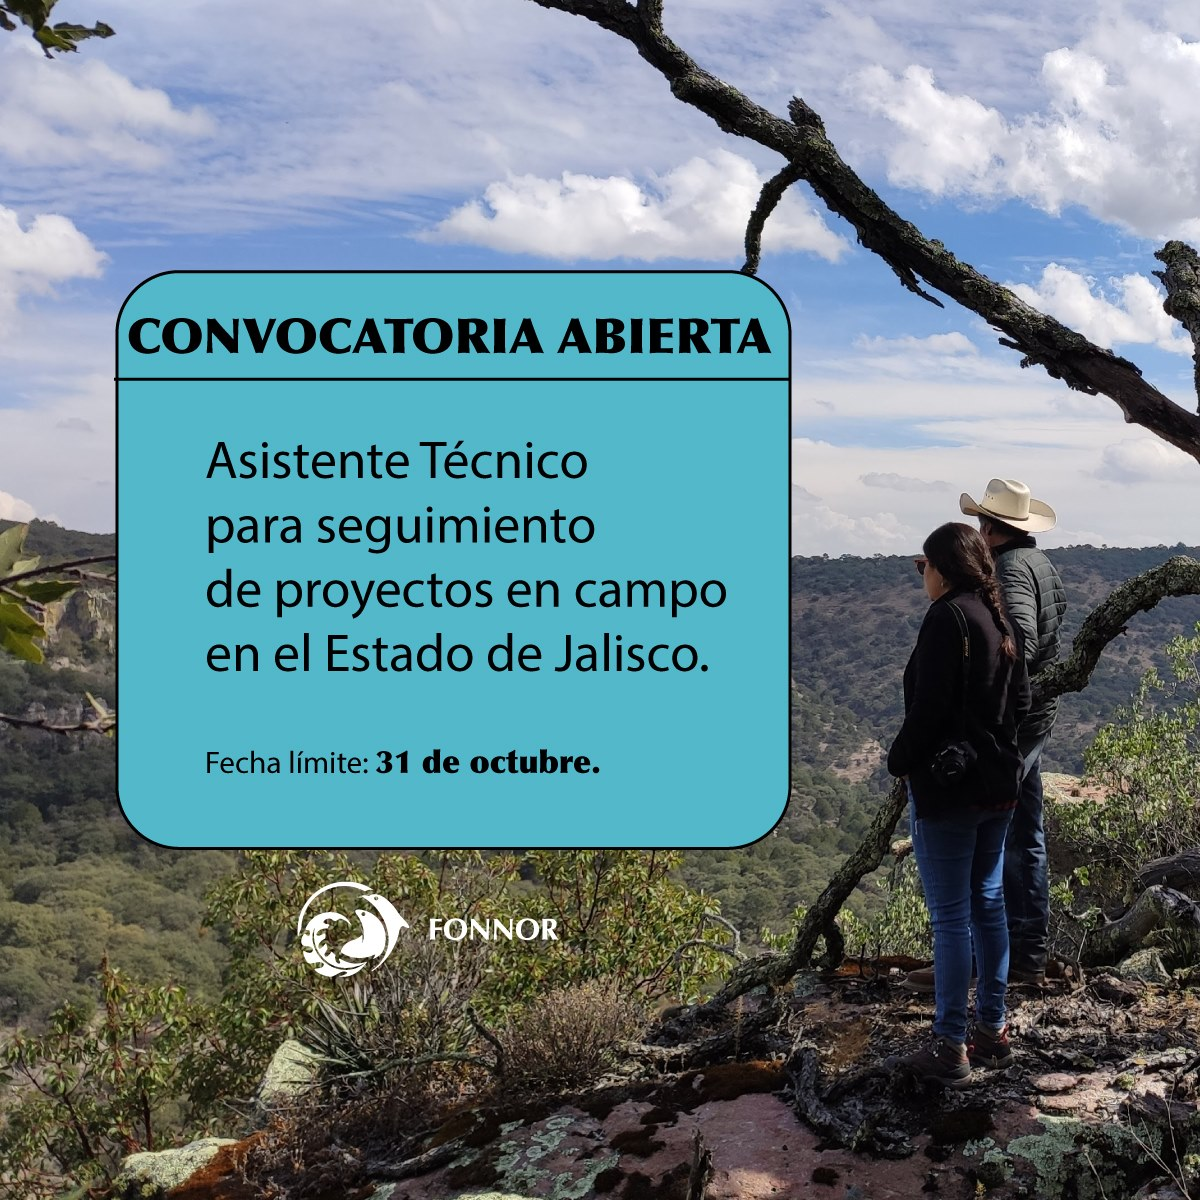 Vacante – Asistente Técnico para seguimiento de proyectos en campo en el Estado de Jalisco (FONNOR)